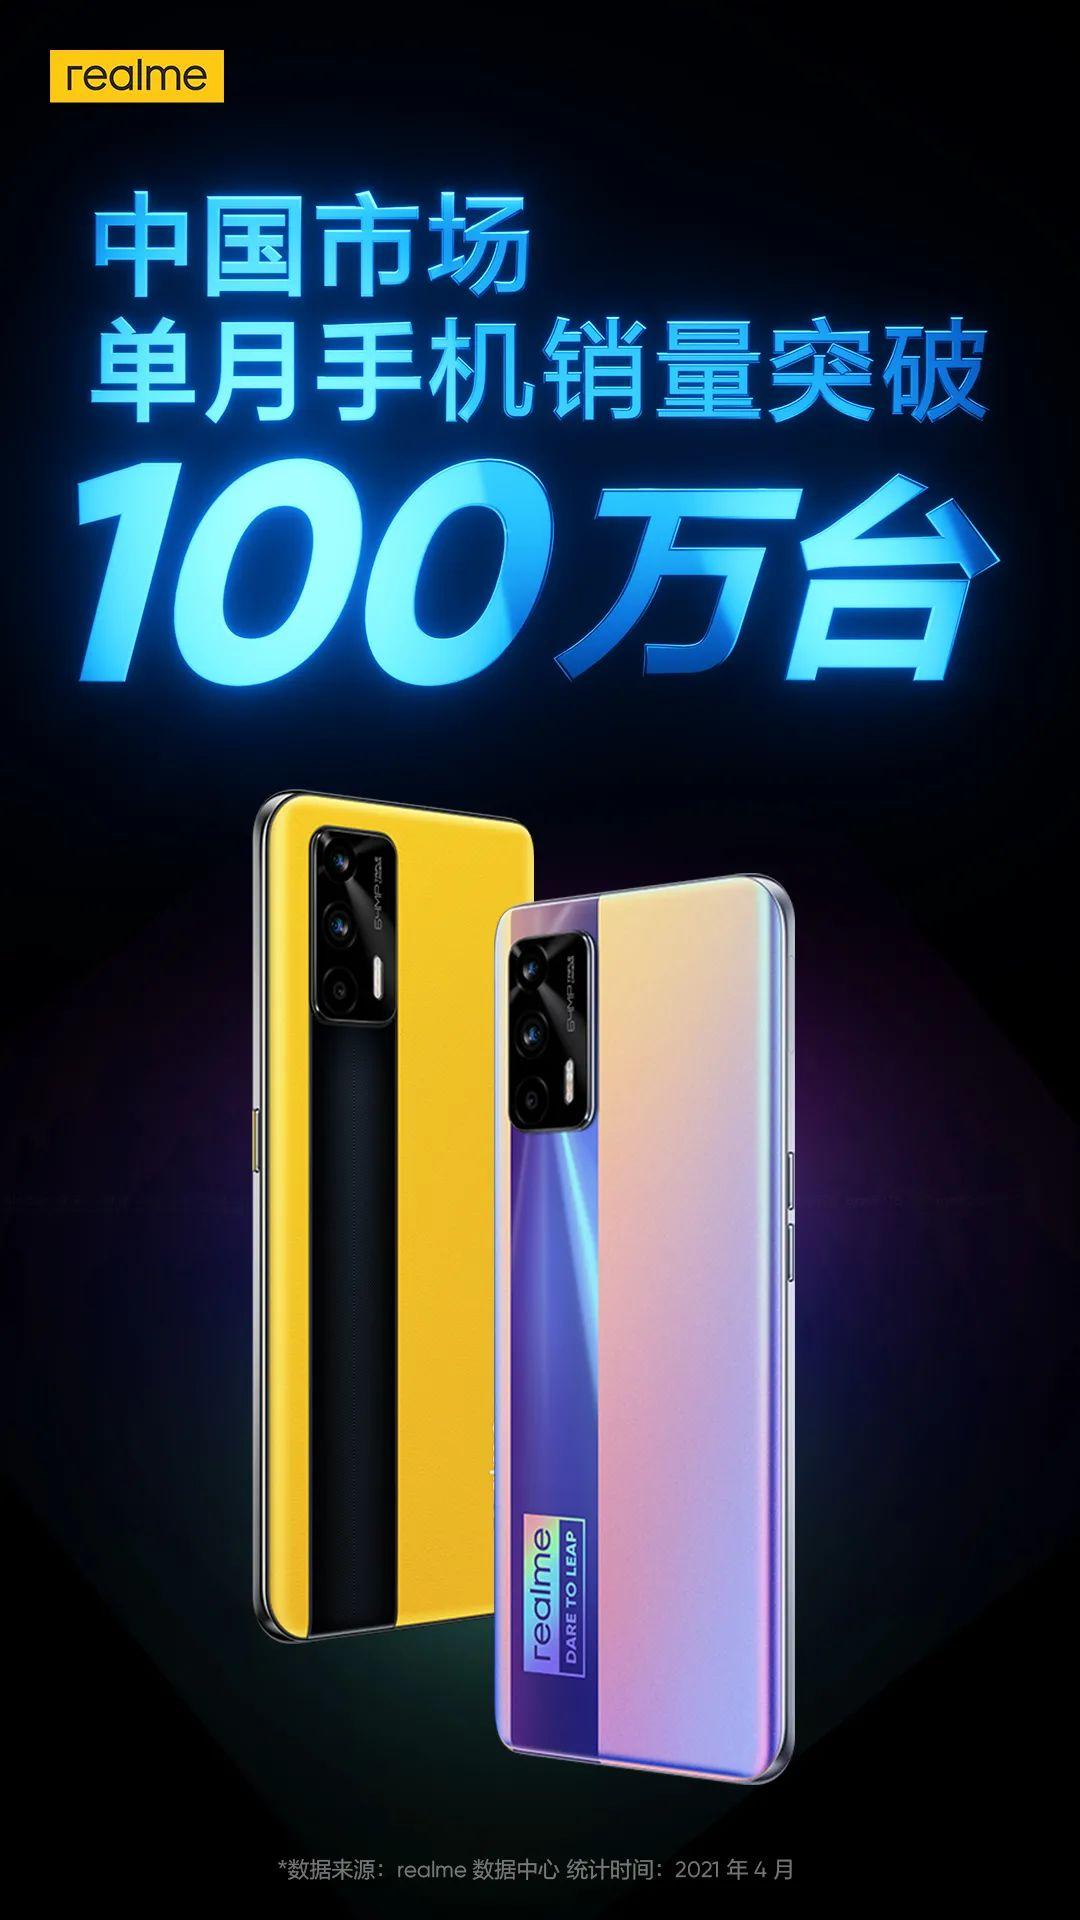 内卷的中国手机市场 却杀出了越级成长的realme